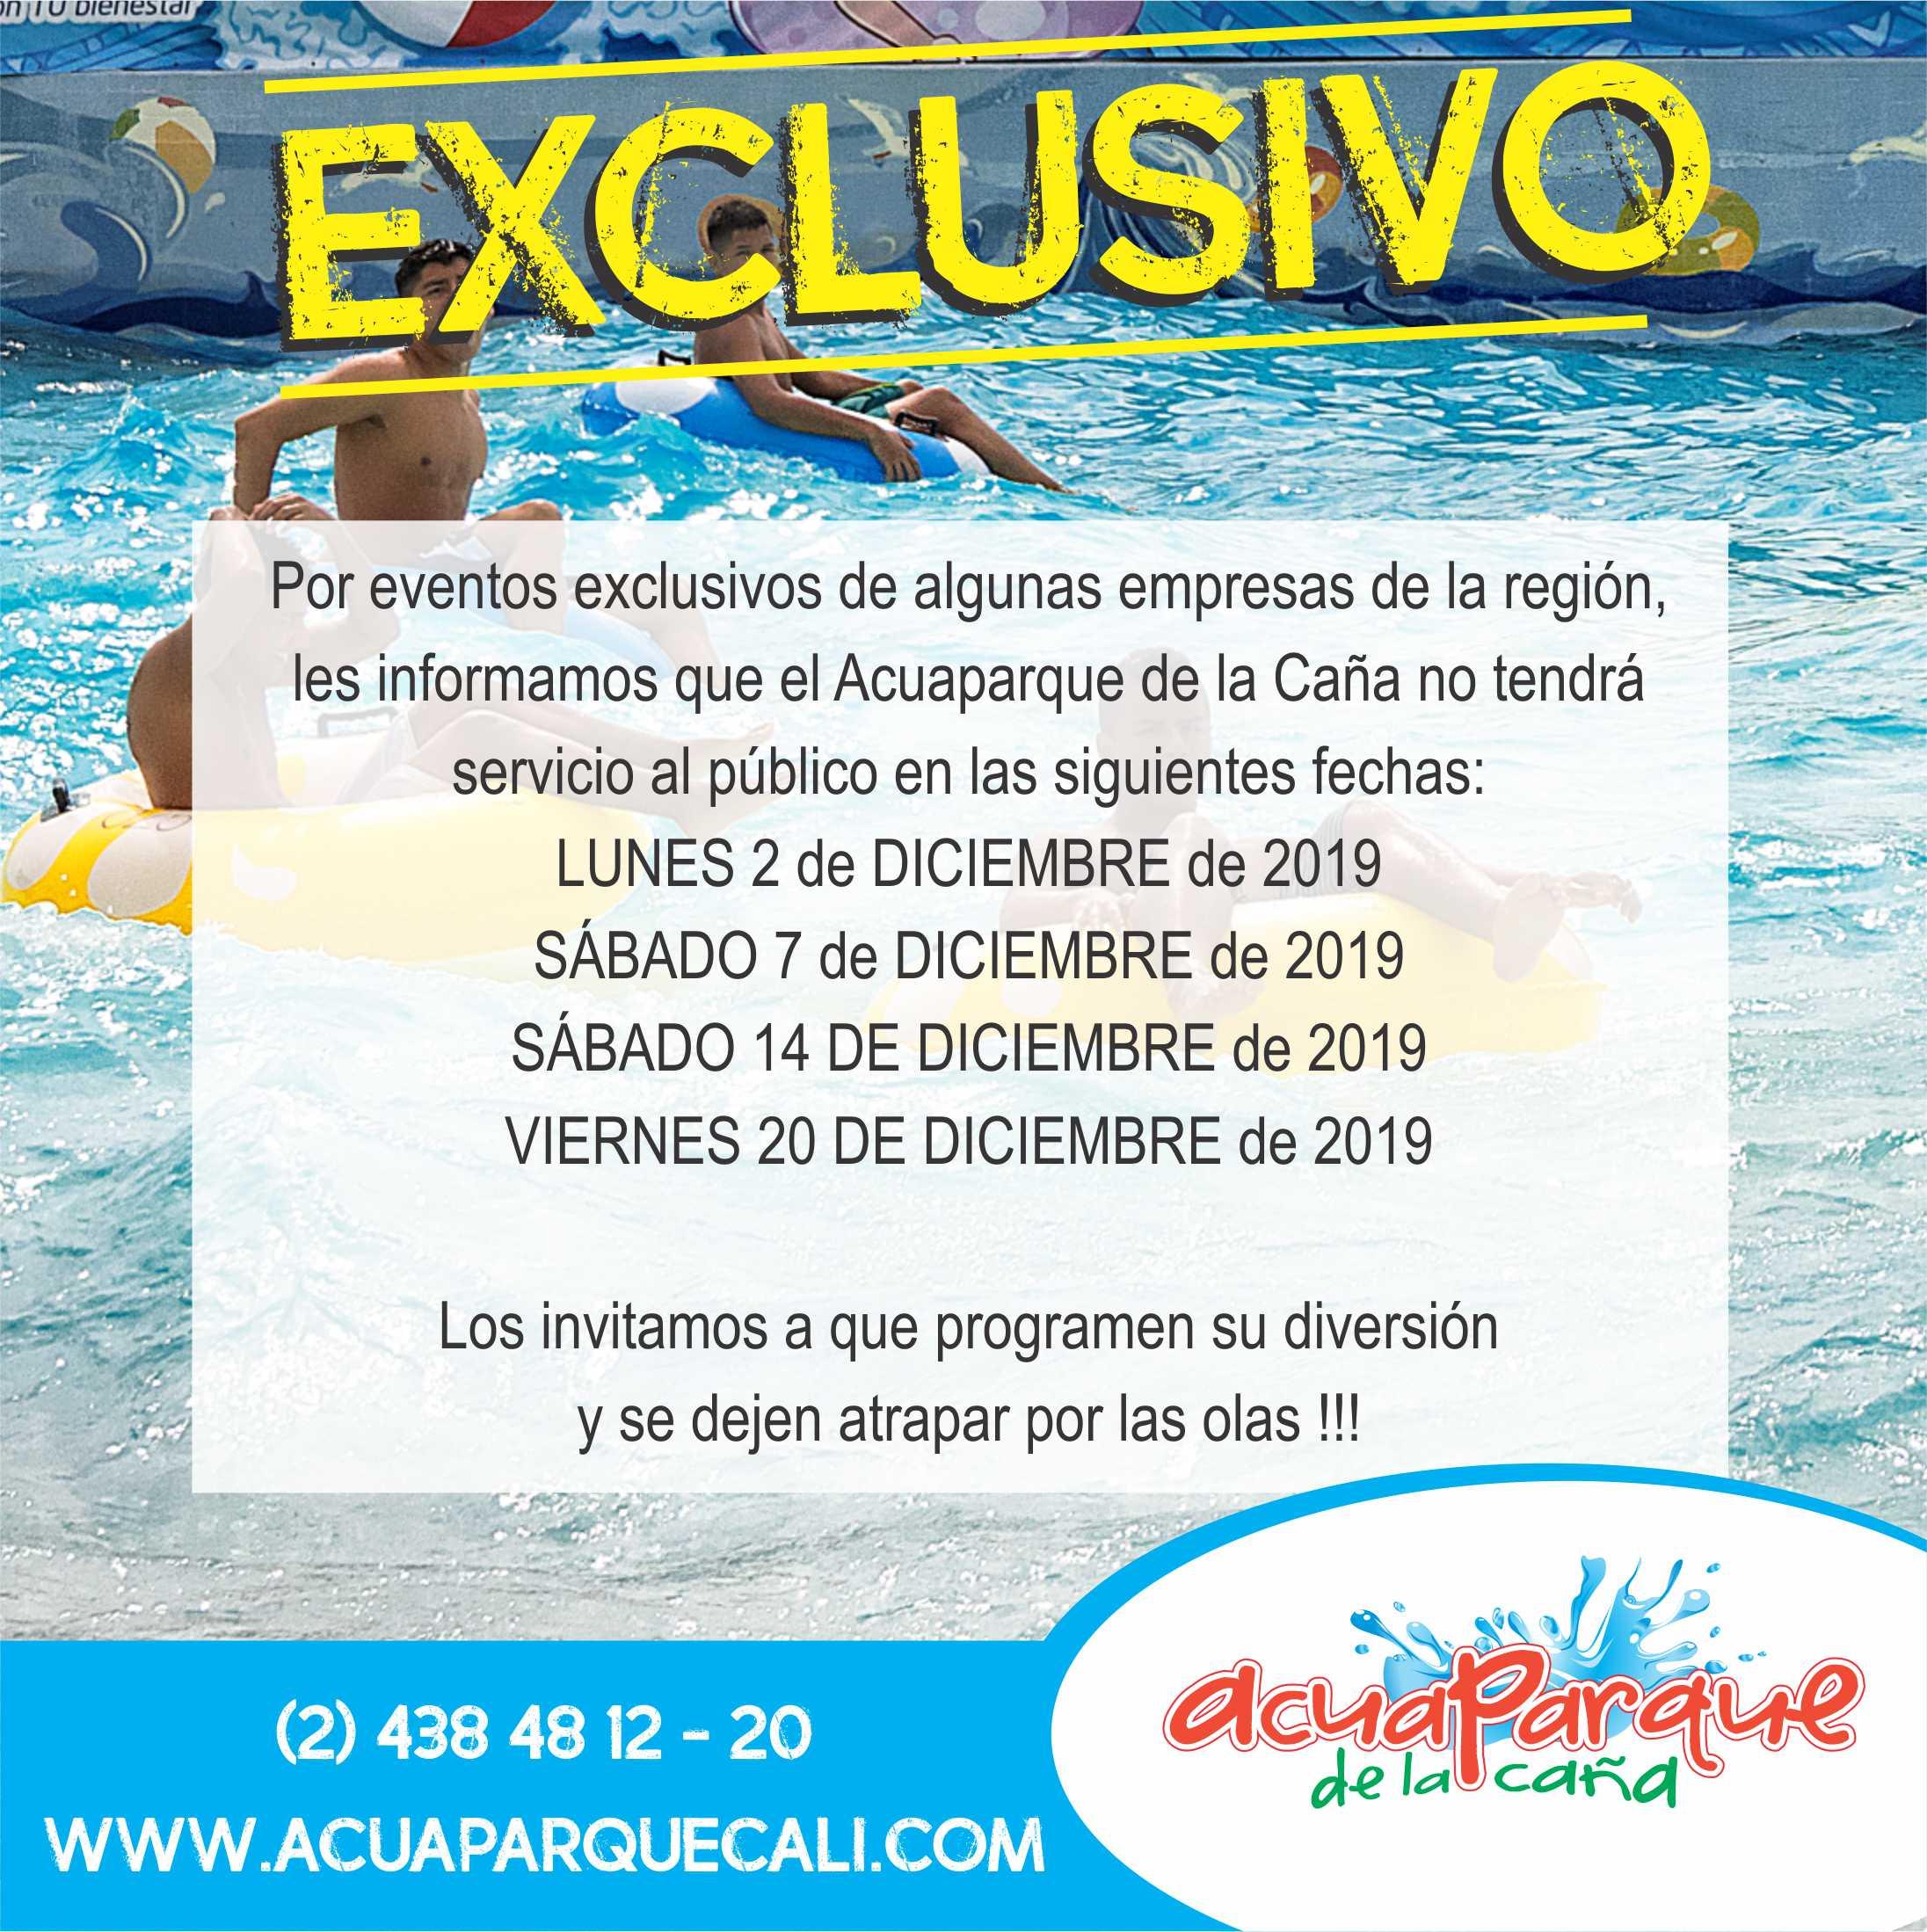 AcuaparqueDeLaCañaExclusivosDiciembre2019